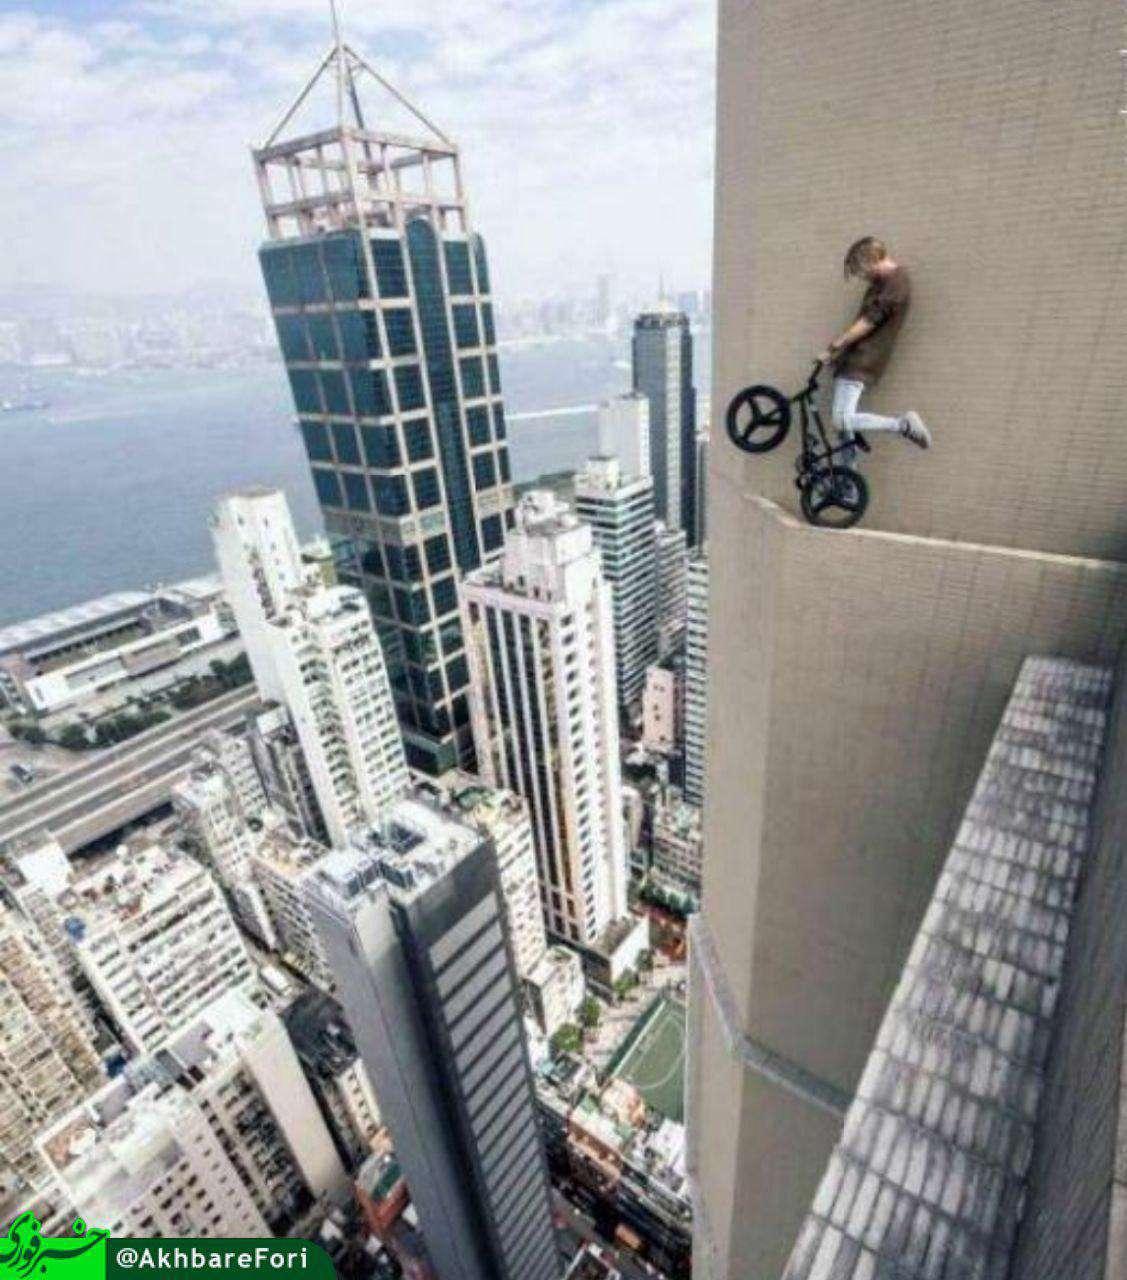 حرکت نمایشی و خطرناک یک دوچرخه سوار اسلونیایی روی لبه طبقه سیاُم یک برج در هنگ کنگ